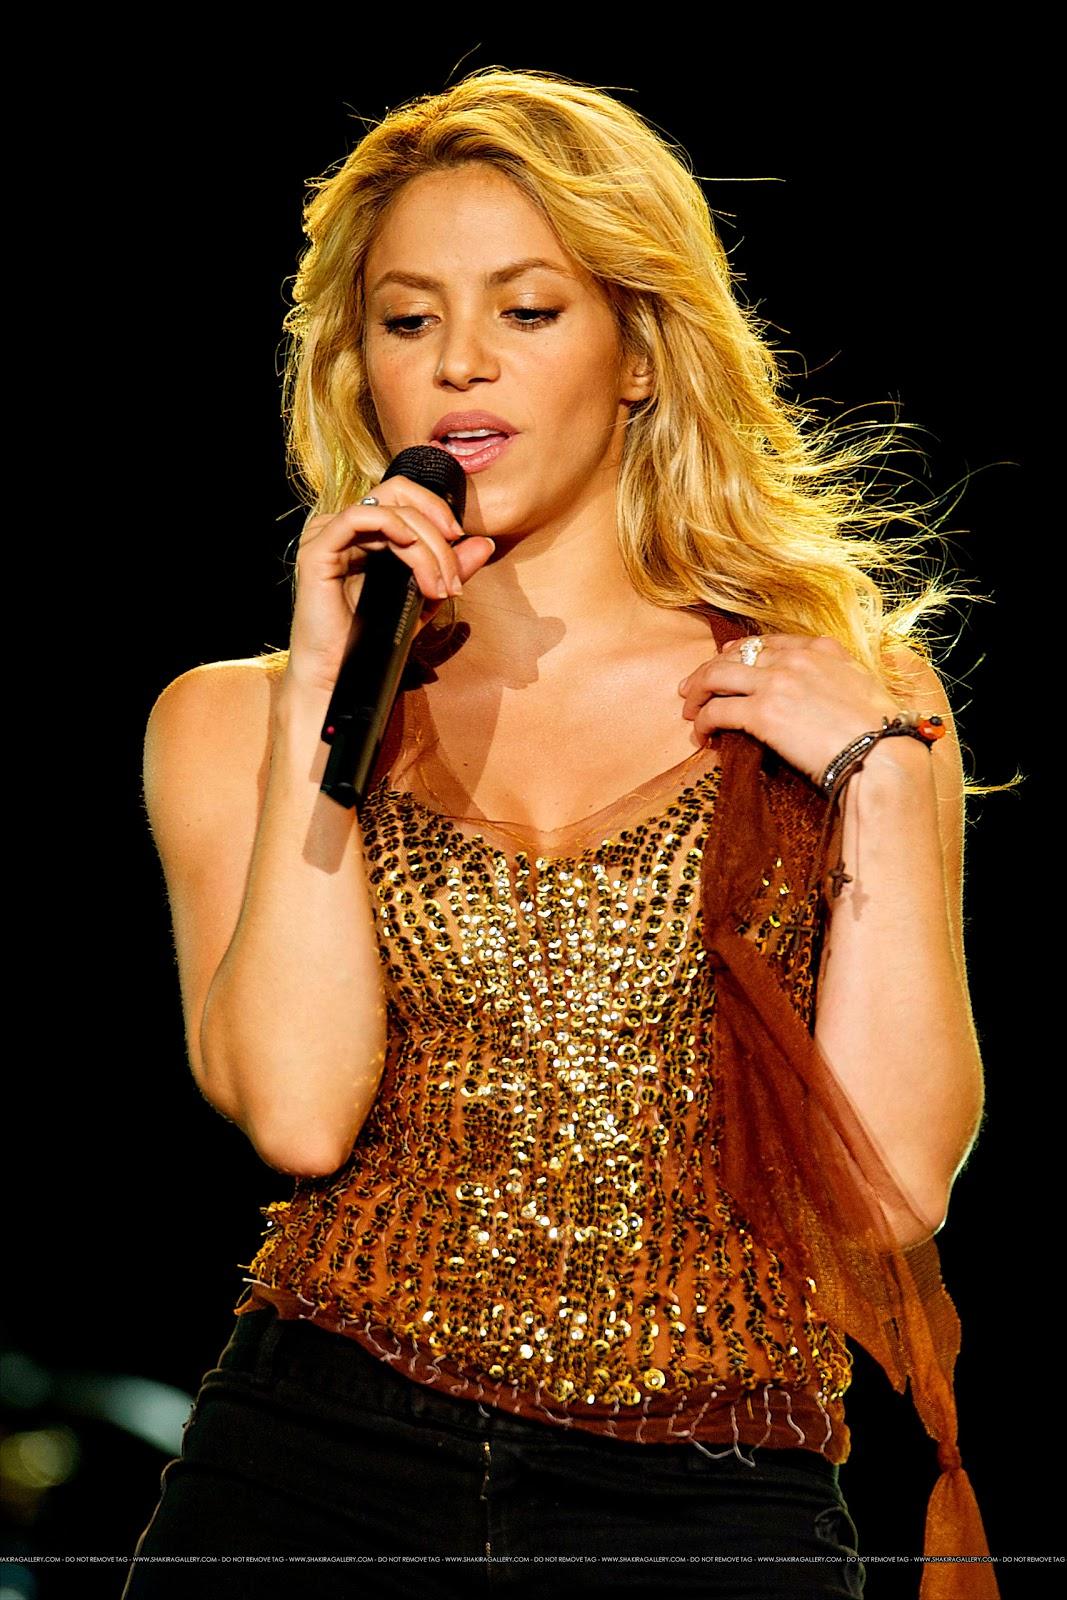 http://4.bp.blogspot.com/_Ua0EQ0c6zB0/TQYxMi0ZKBI/AAAAAAAAIgo/HibyaXXb-YU/s1600/2_RockRio_Shakira_060610.jpg